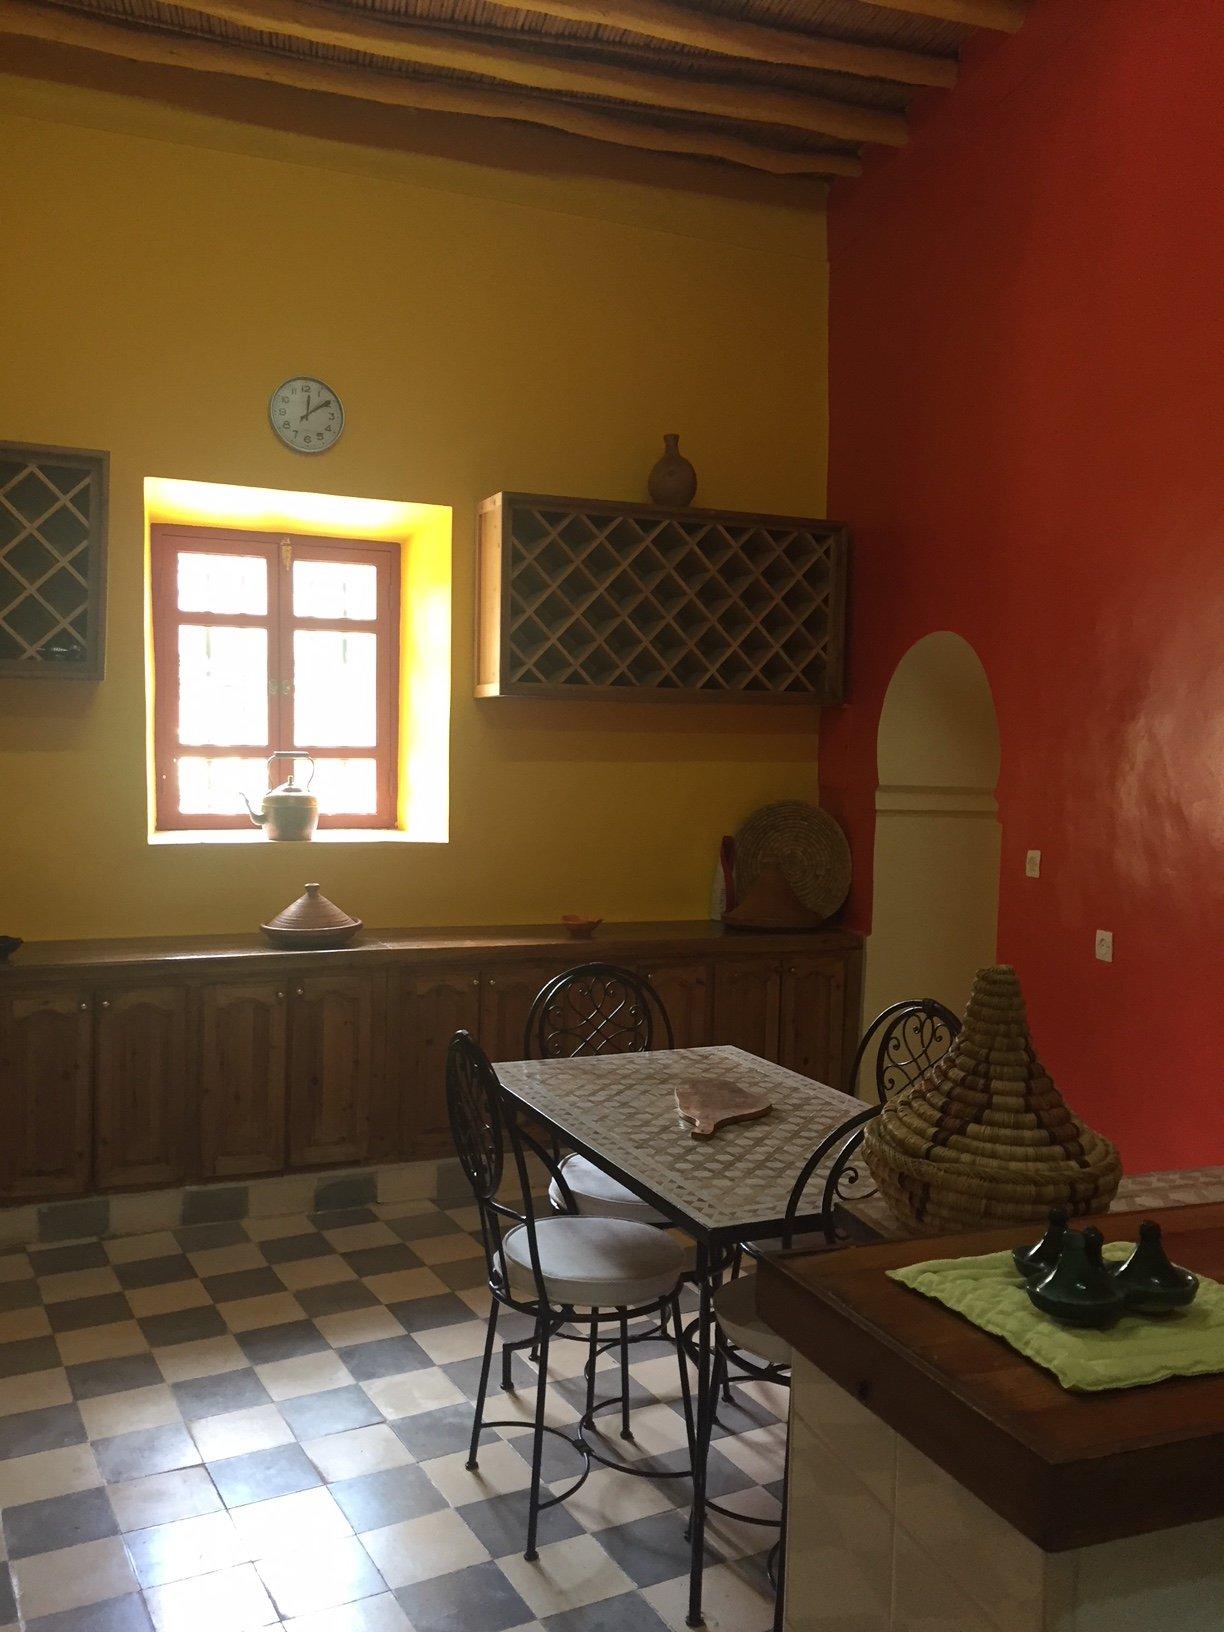 Kasbah authentique - Maroc